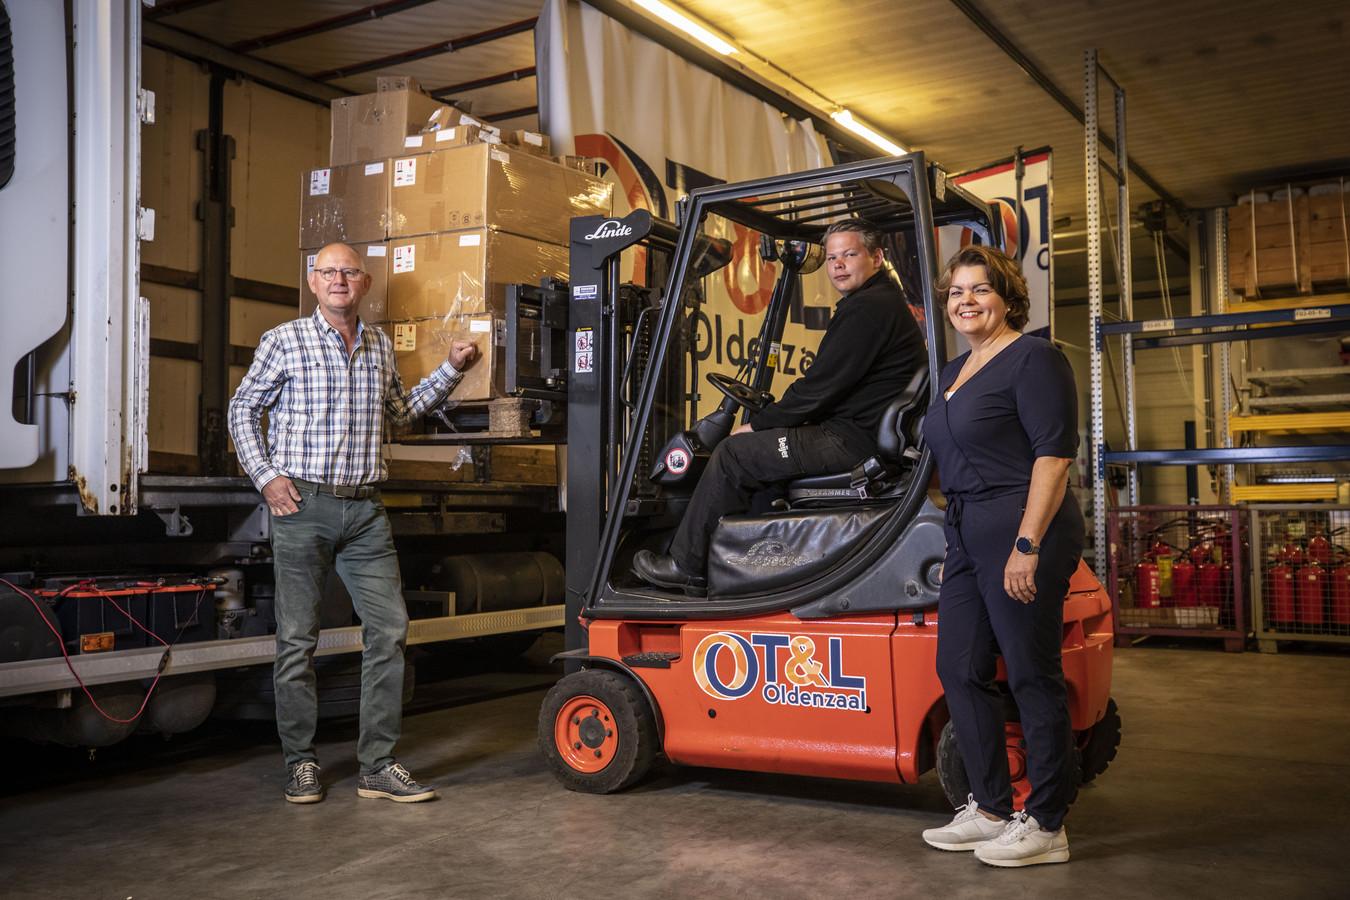 In de praktijkhal zien bestuursvoorzitter Jan Bergman van het Coöperatieve Opleidingscentrum Transport & Logistiek Oldenzaal en Lisette Boetzkes van het OT&L hoe Wout Peters uit Lattrop geroutineerd een pallet vol dozen in de vrachtwagen laadt.